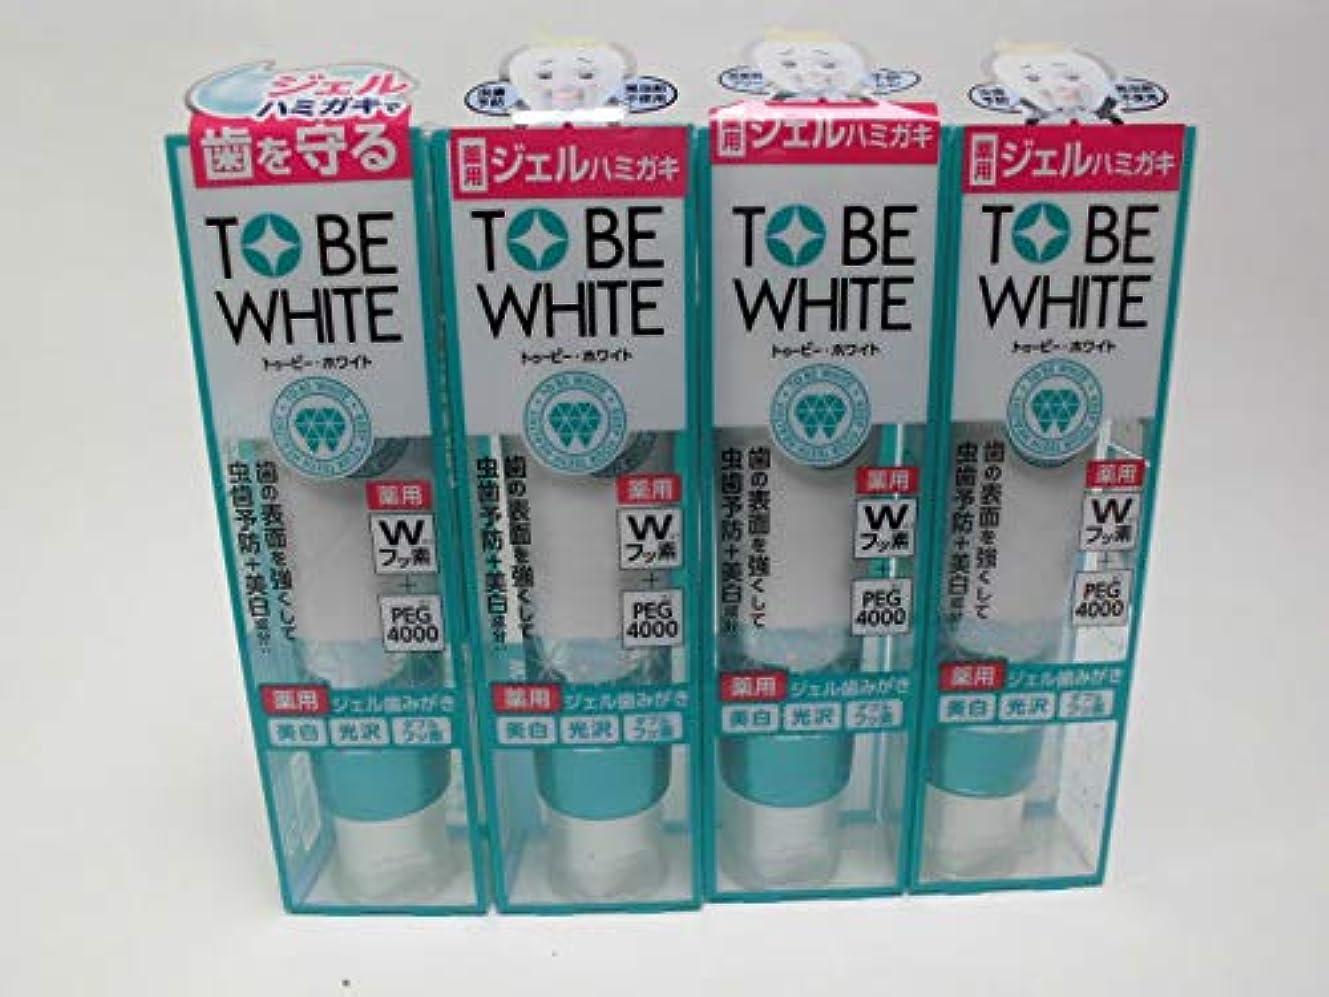 移行するサンドイッチ競う【4個セット】「歯周病予防+ホワイトニング」 トゥービー?ホワイト 薬用デンタル ジェル (100g) 定価990円×4個